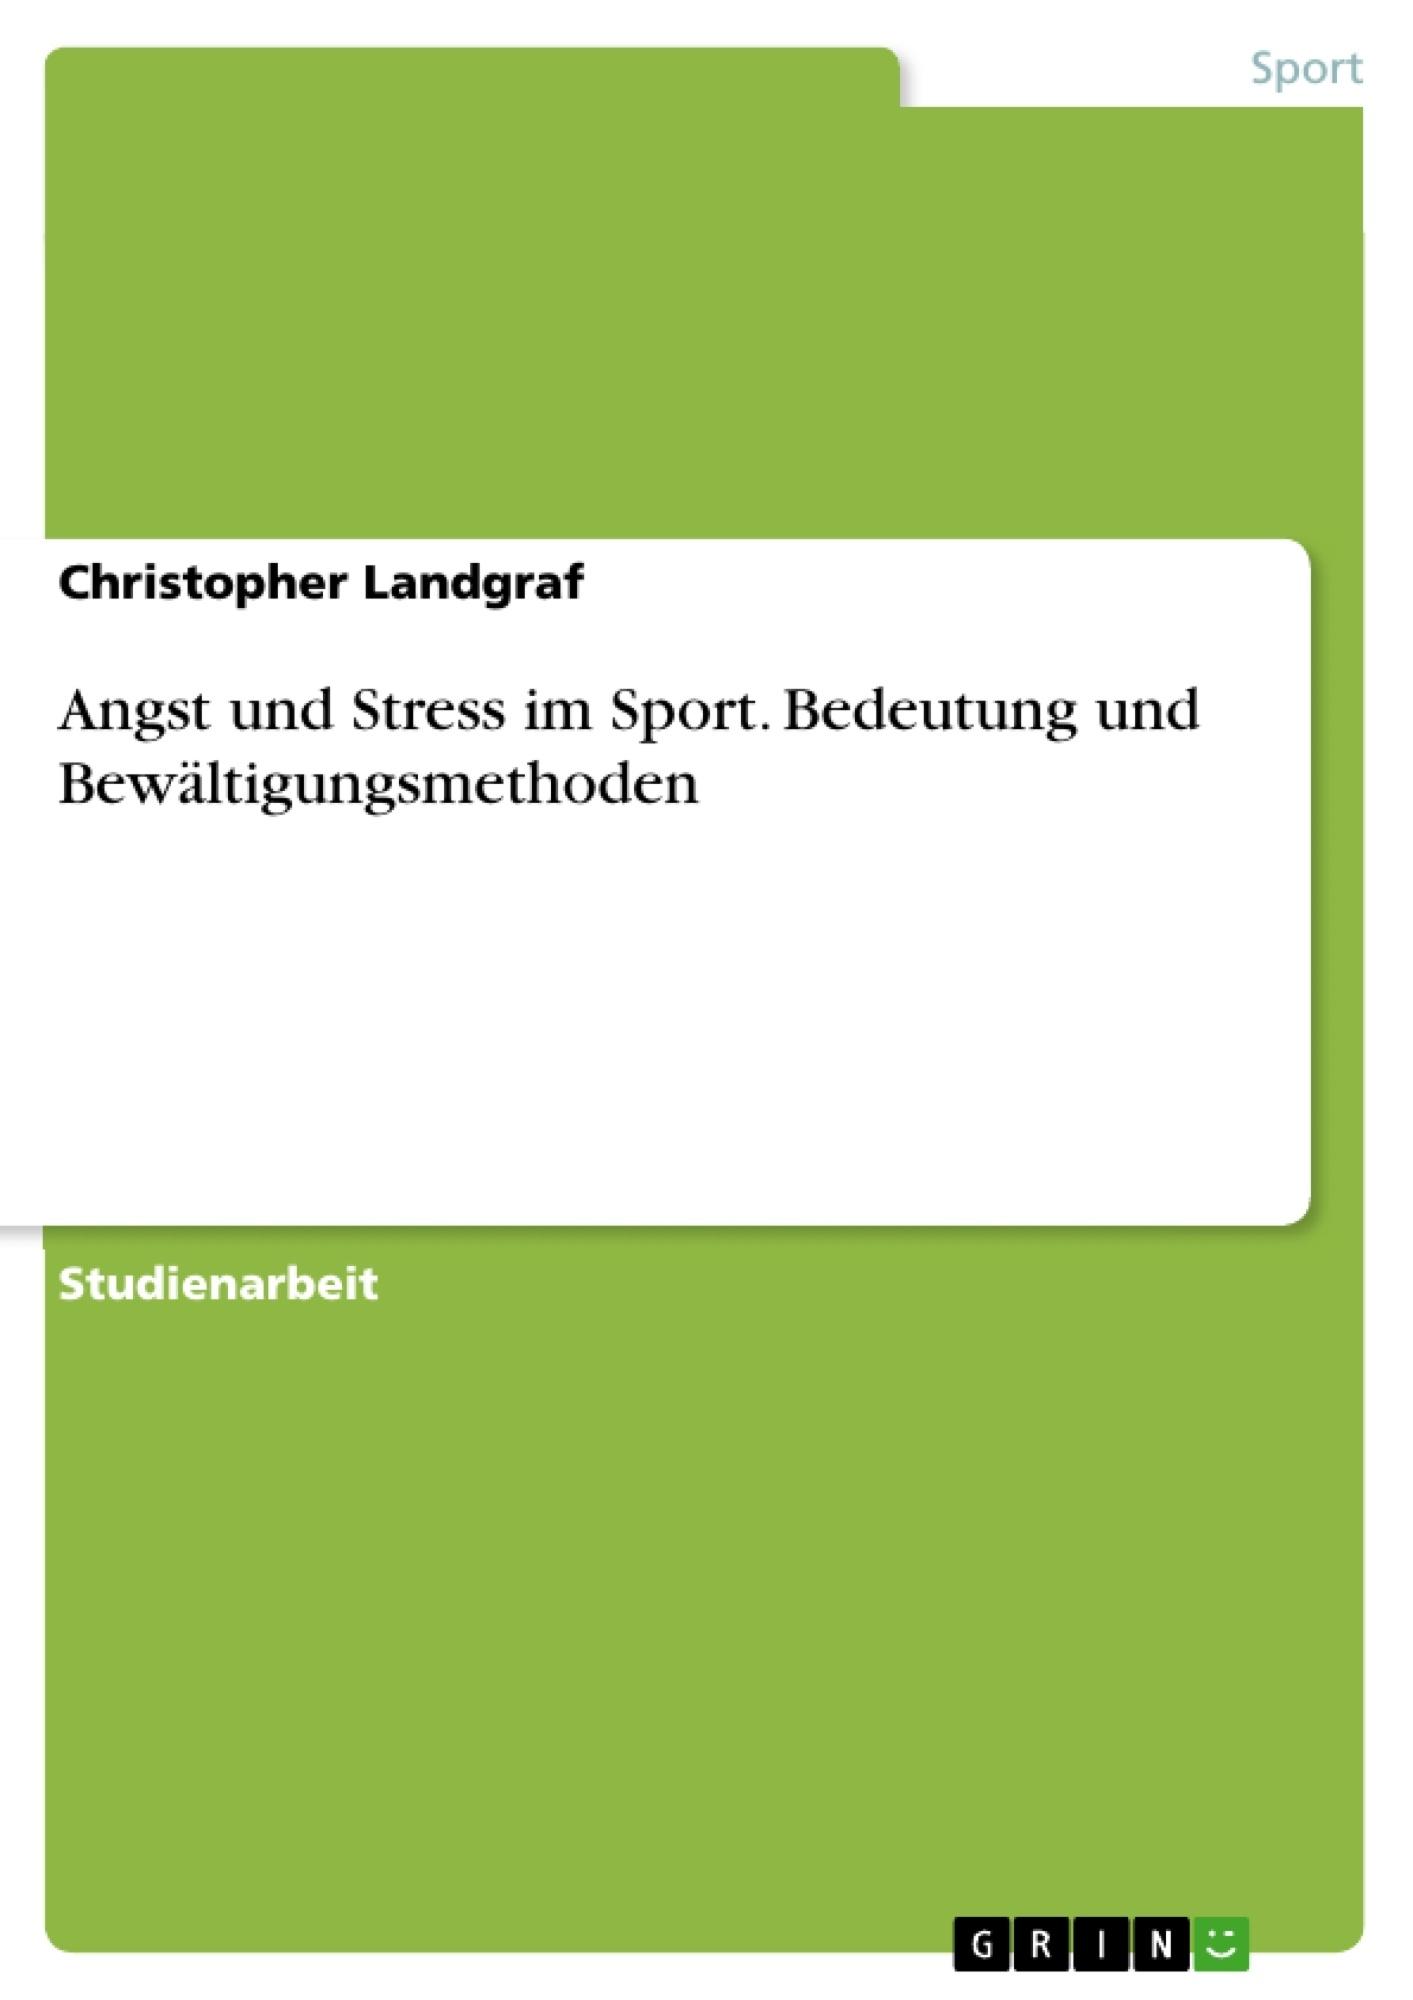 Titel: Angst und Stress im Sport. Bedeutung und Bewältigungsmethoden